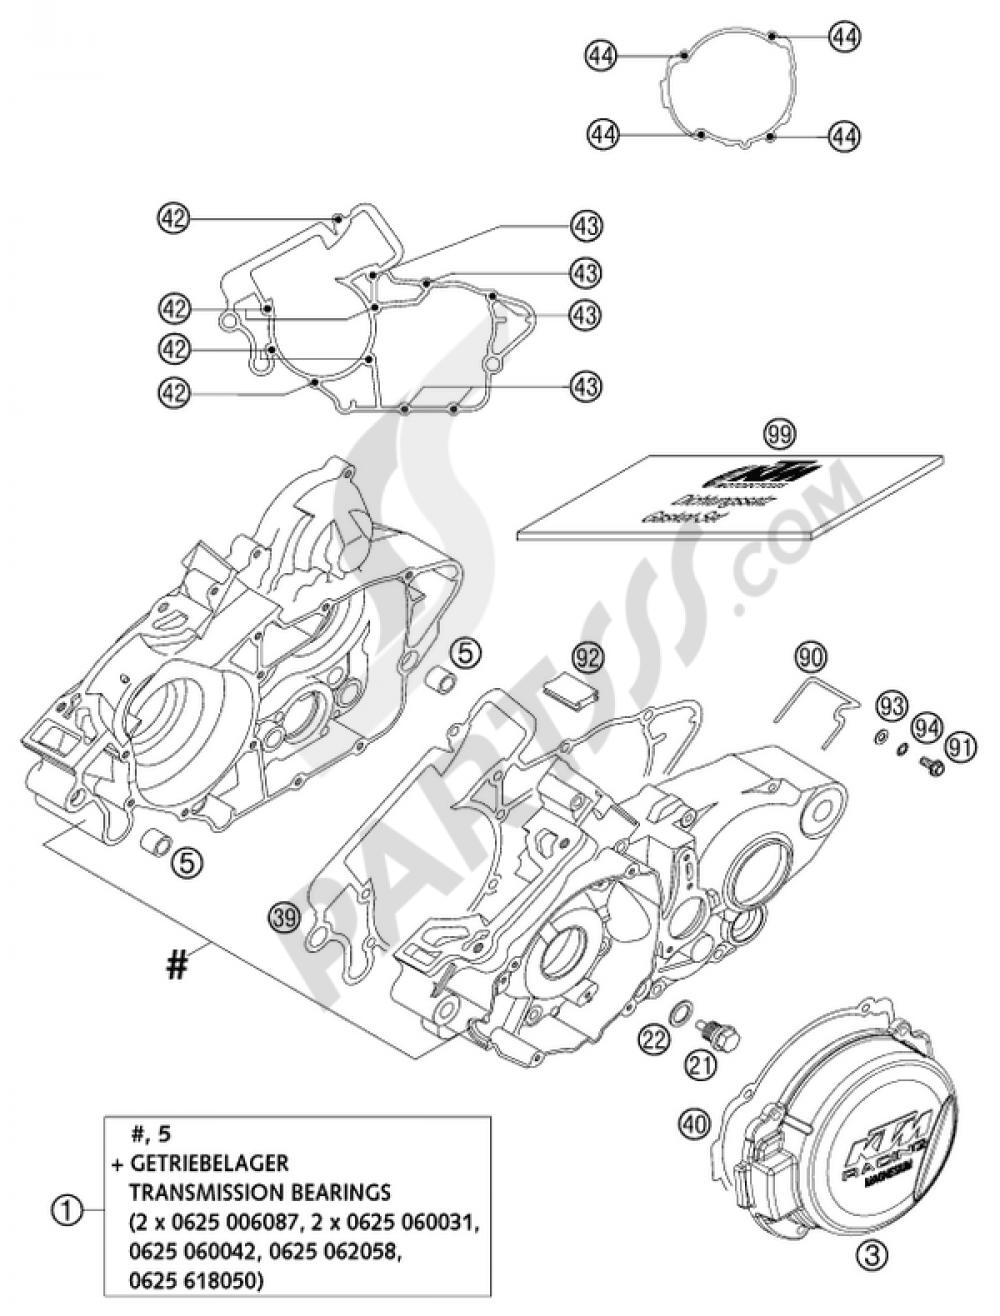 ktm engine schematics | lesson wiring diagram word - lesson.wizex.eu  lesson.wizex.eu